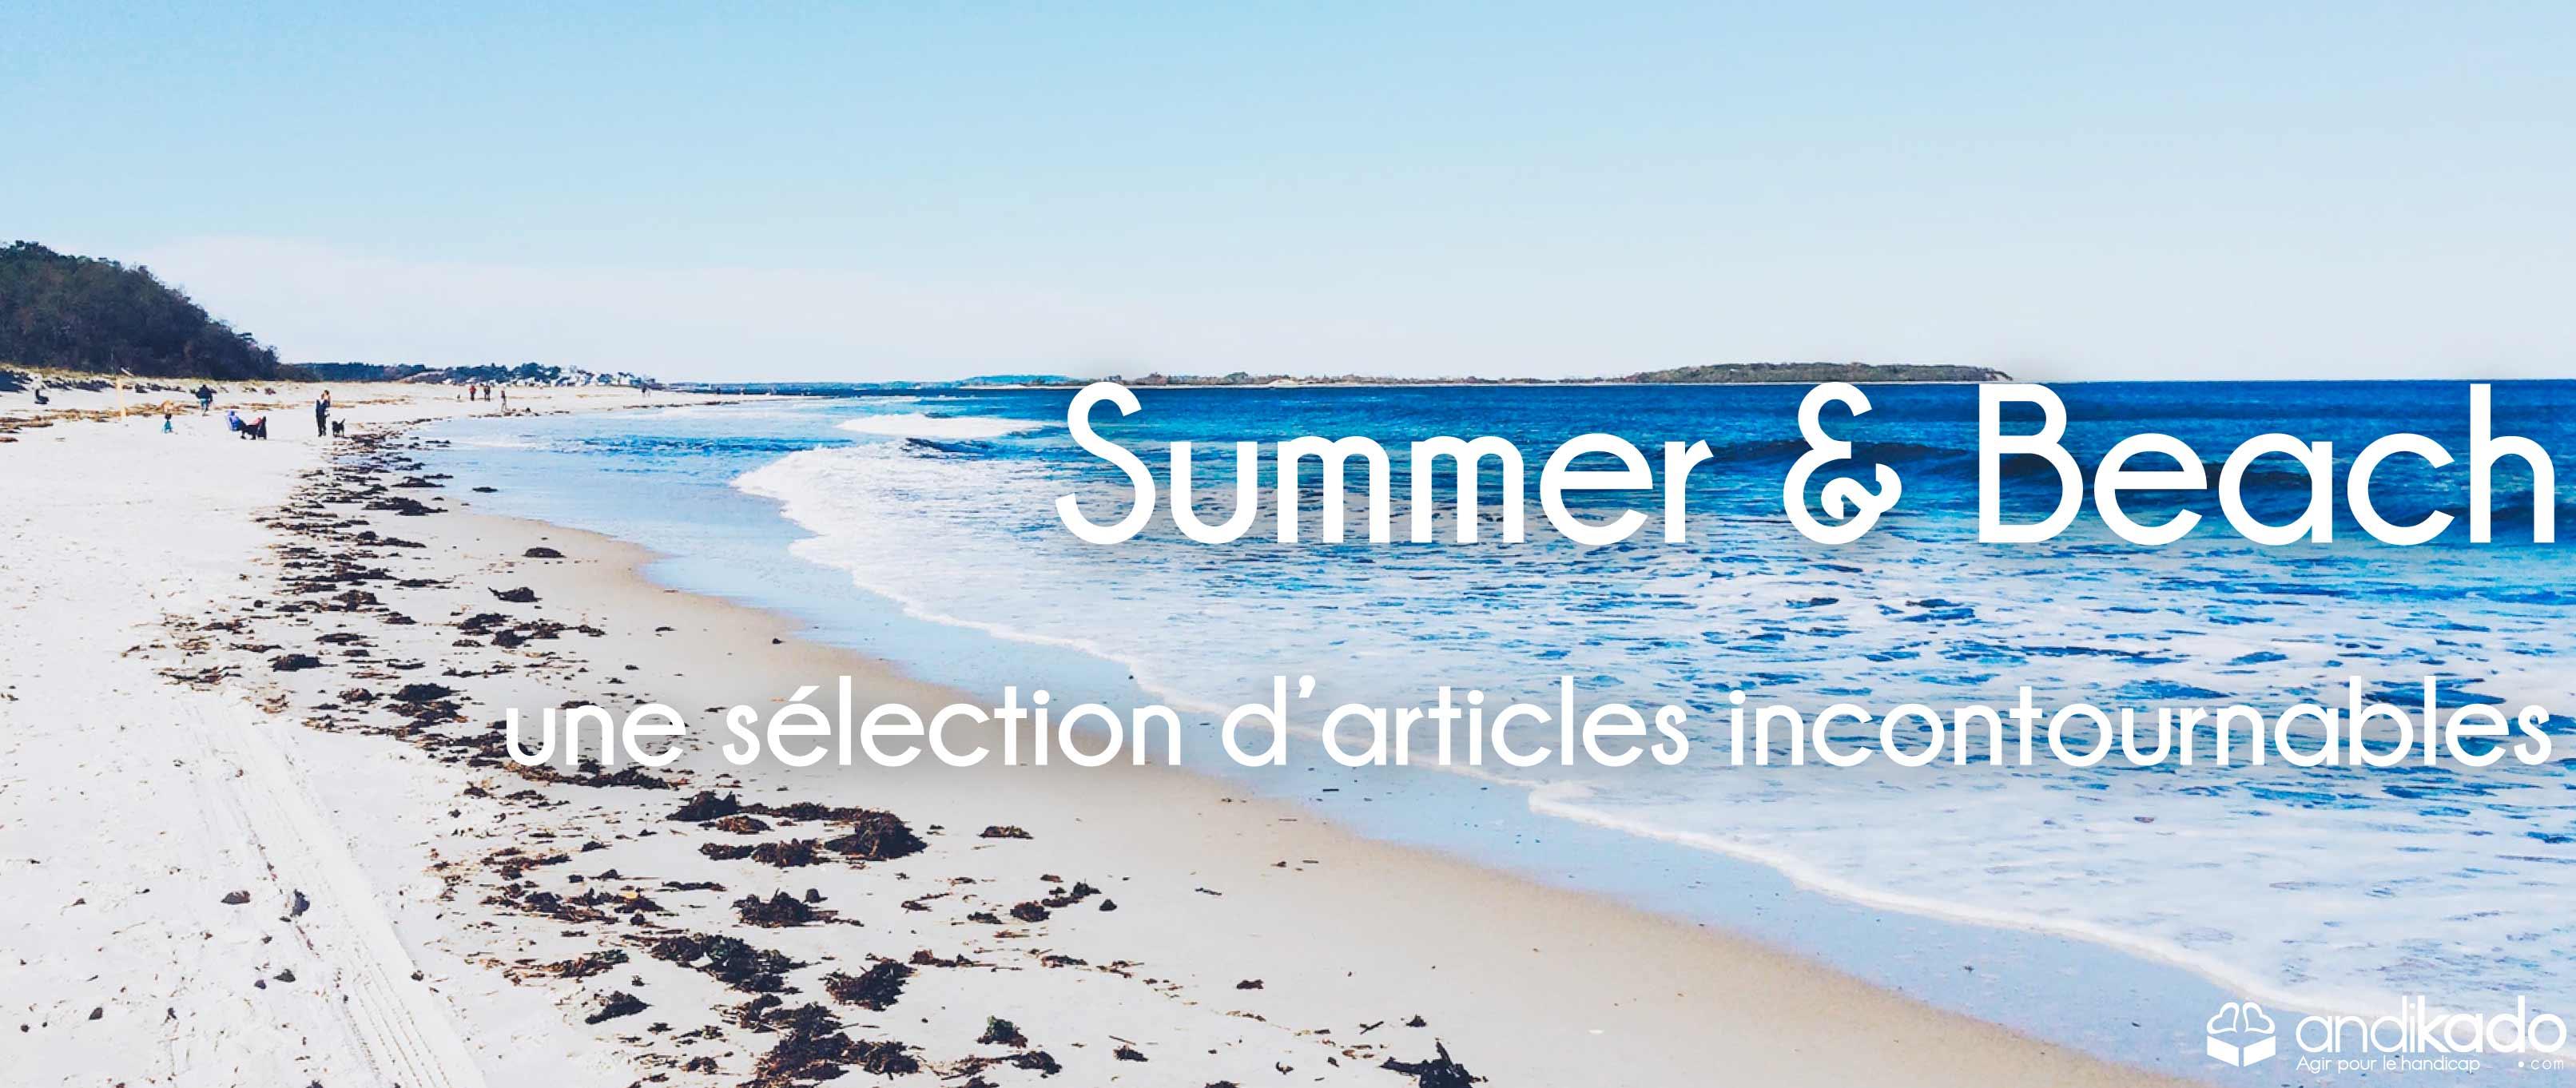 summer beach andikado été vacances congés plage soleil handicap handicapés agefiph fifph doeth